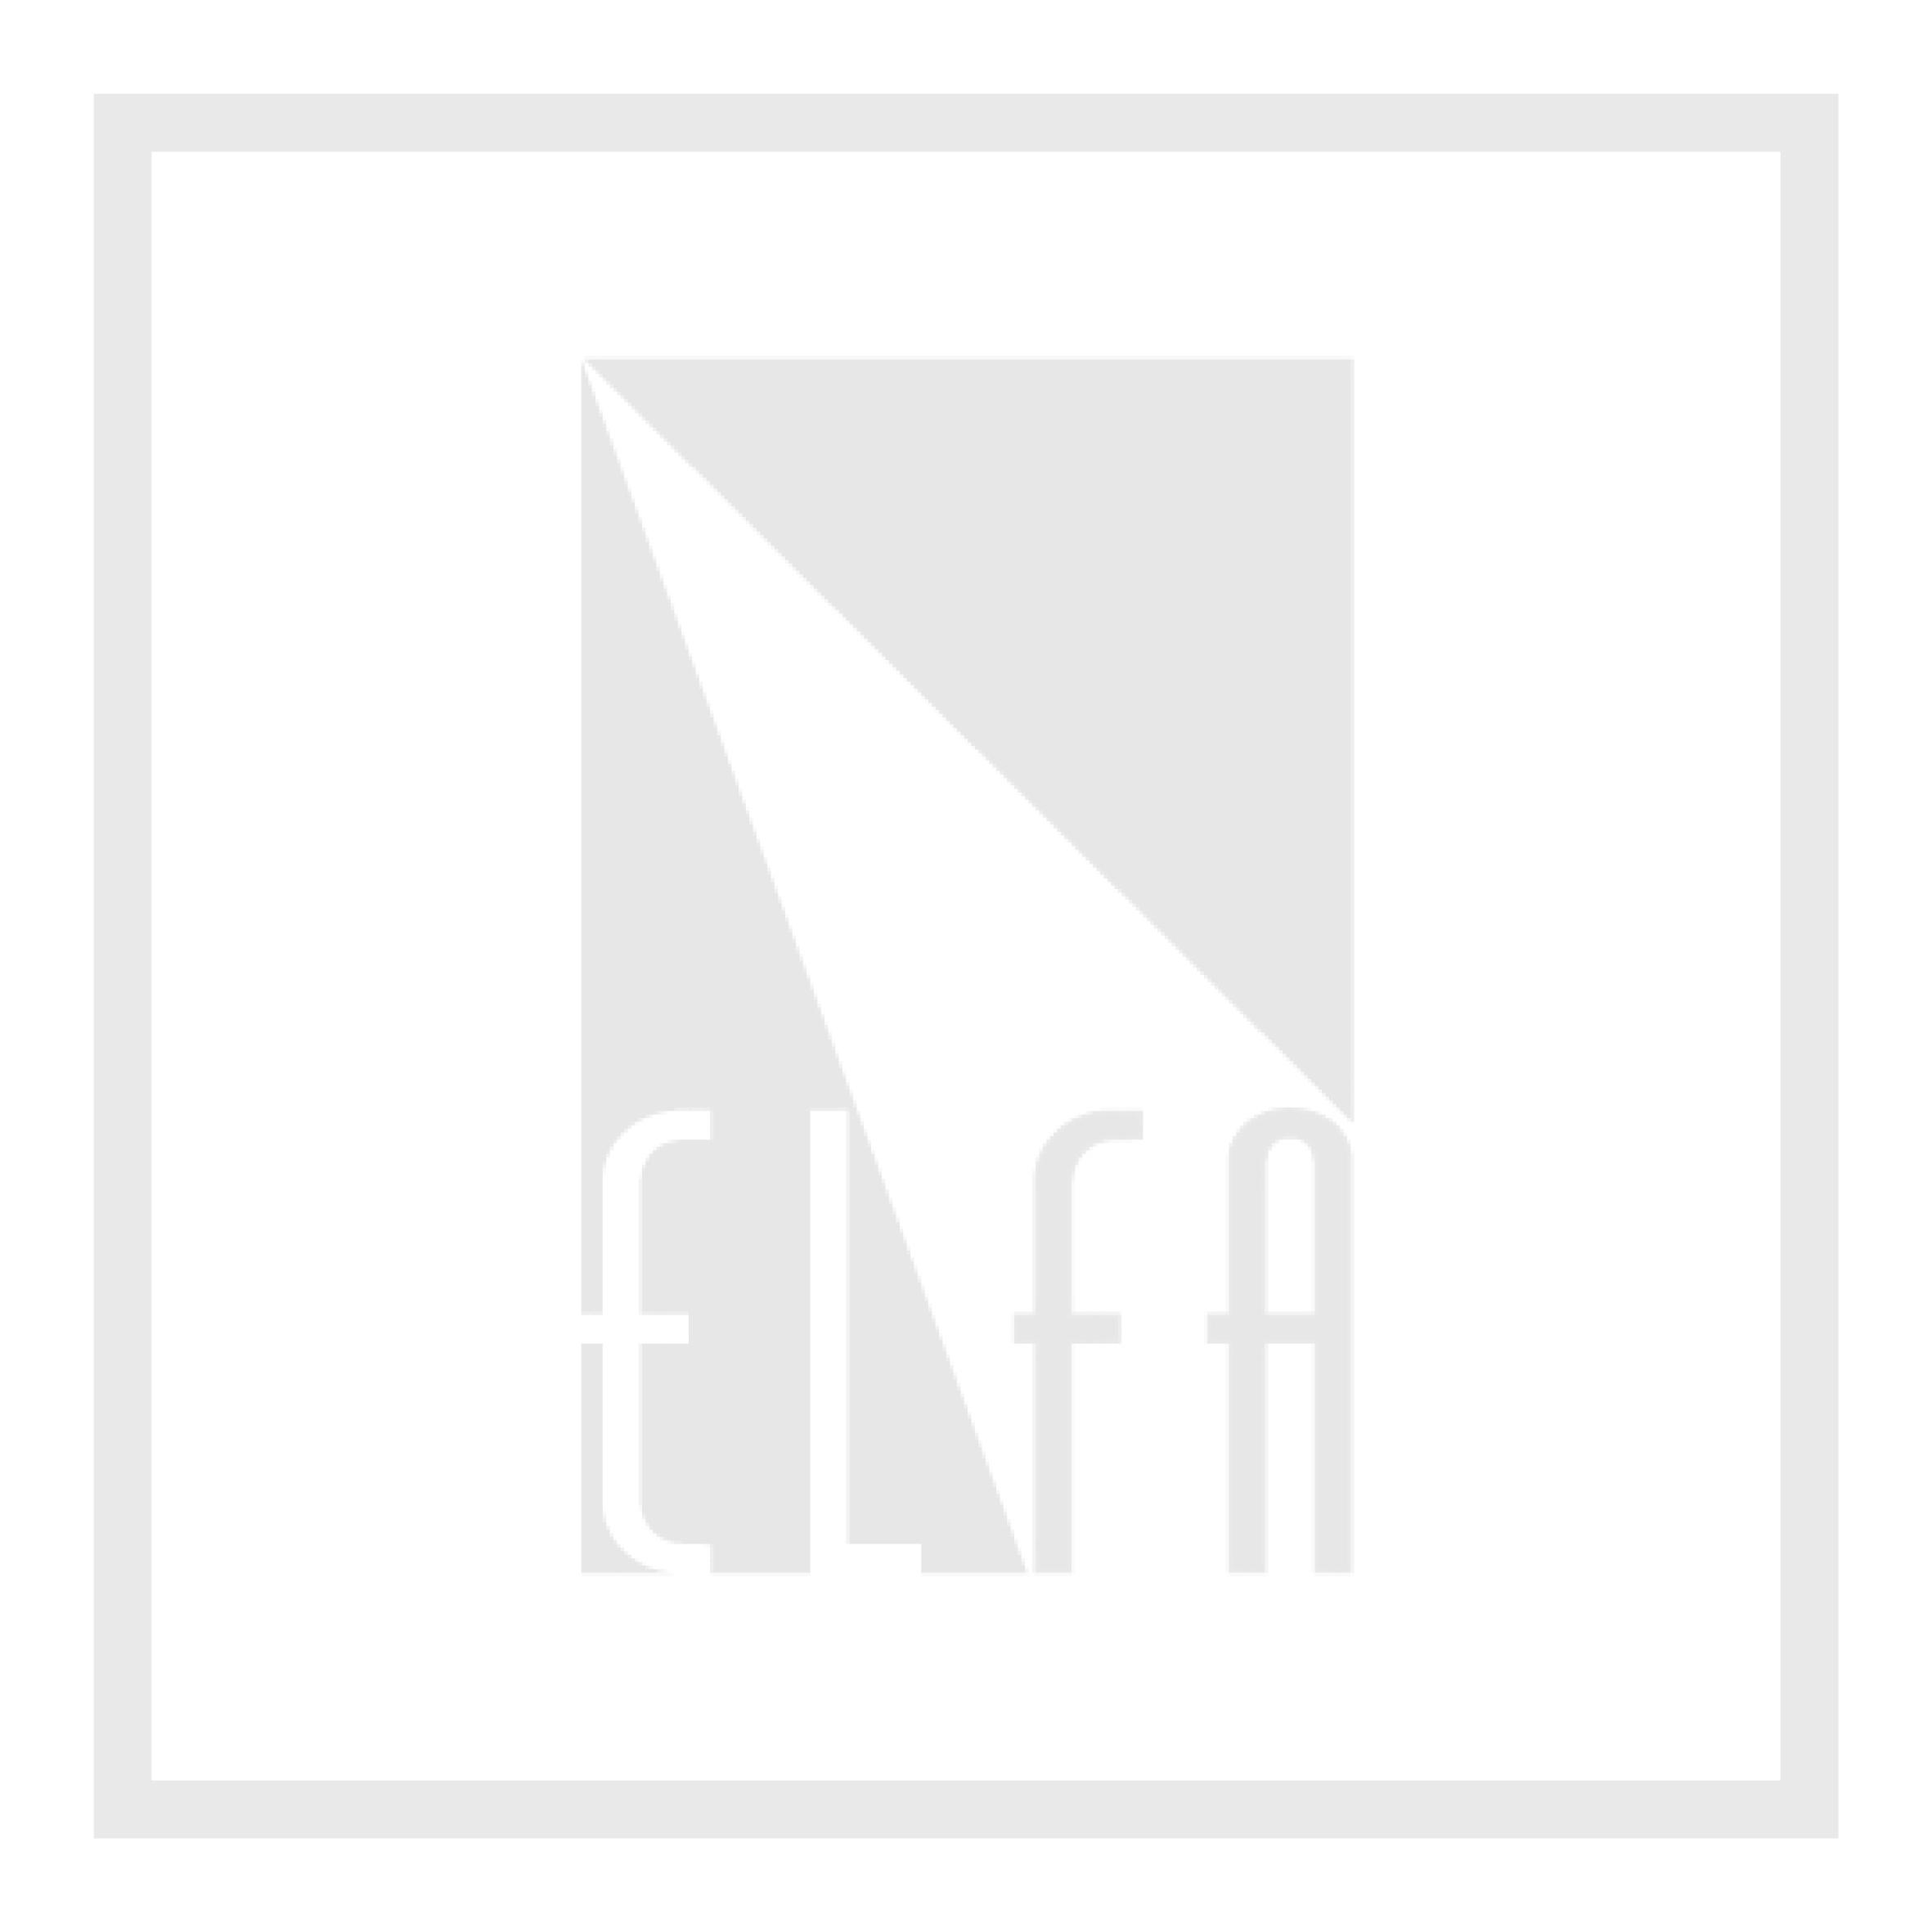 Energizer Lithium batt 1,5V AAA BL4